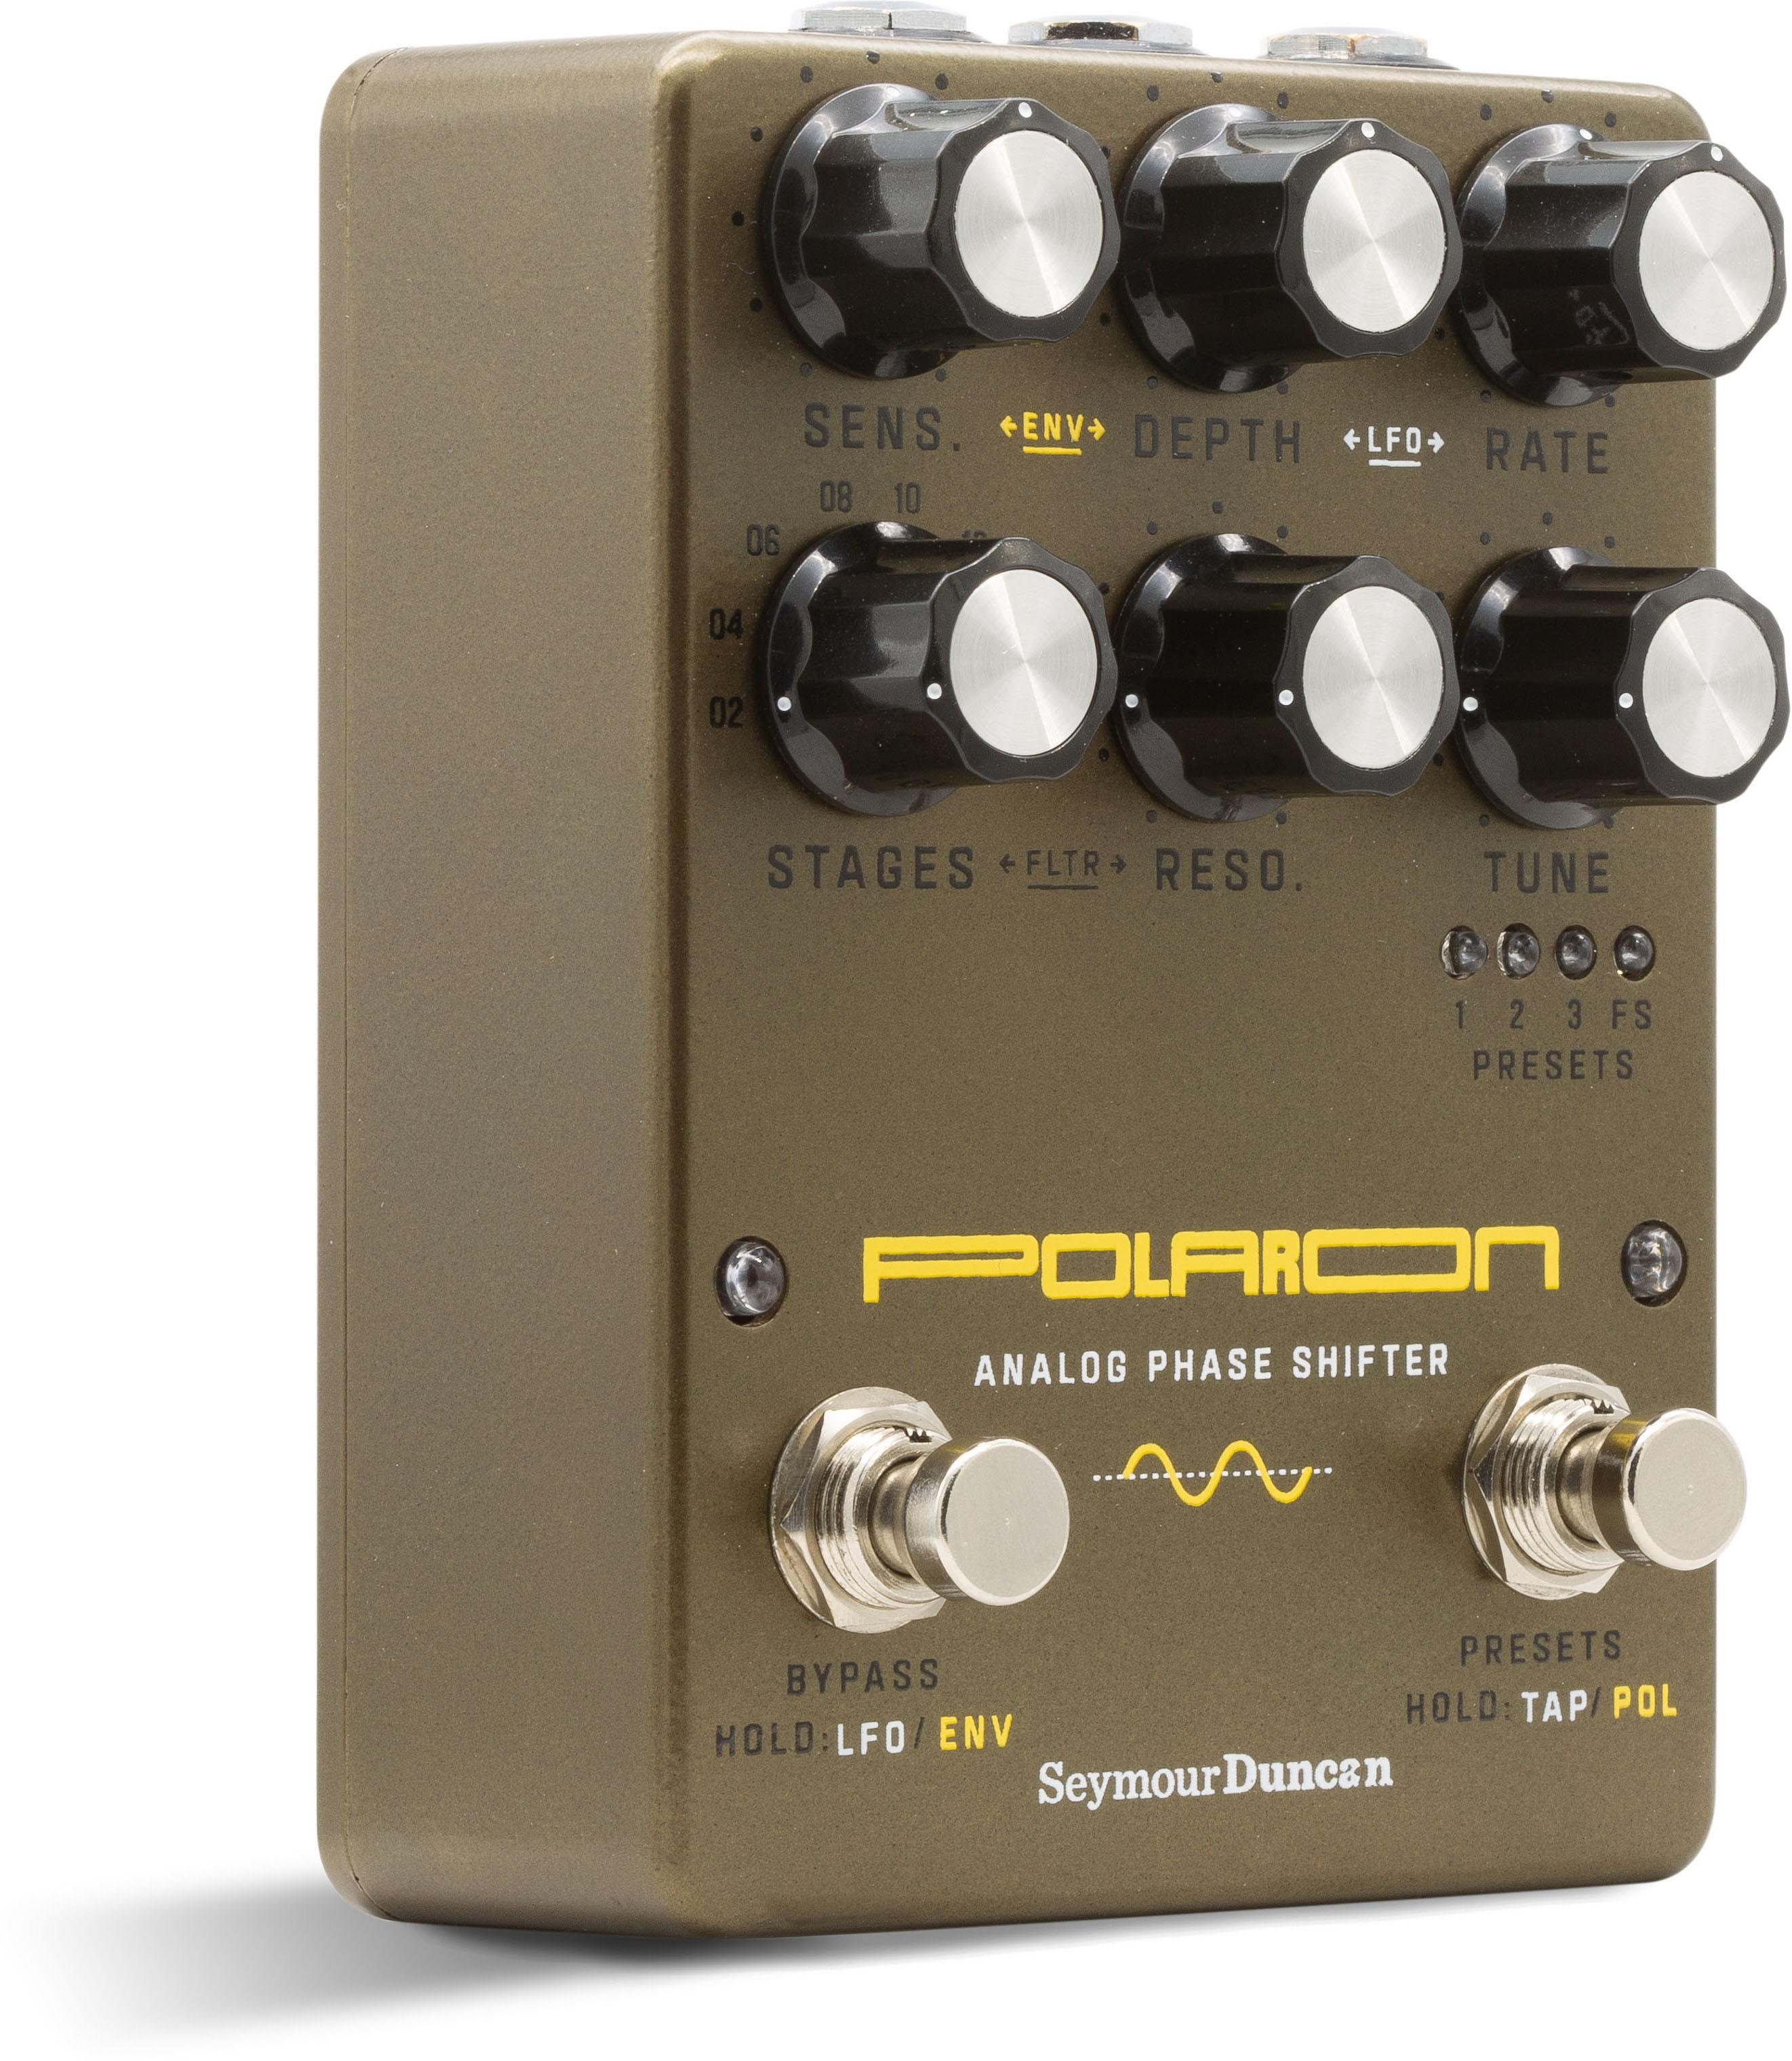 Seymour Duncan Polaron Analogue Phase Shifter Pedal